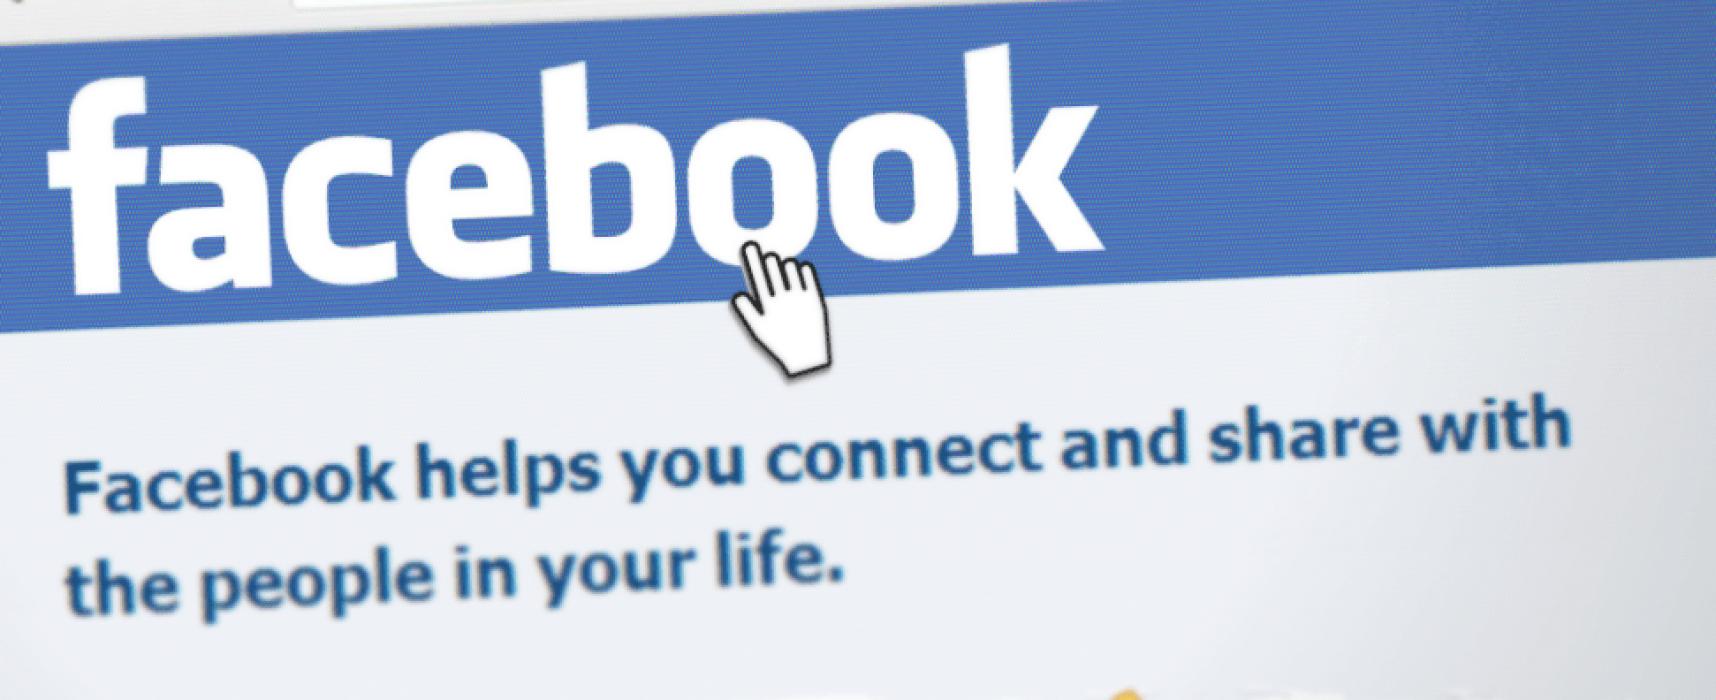 Facebook tvrdí, že odstraňování fake news je v rozporu se svobodou slova